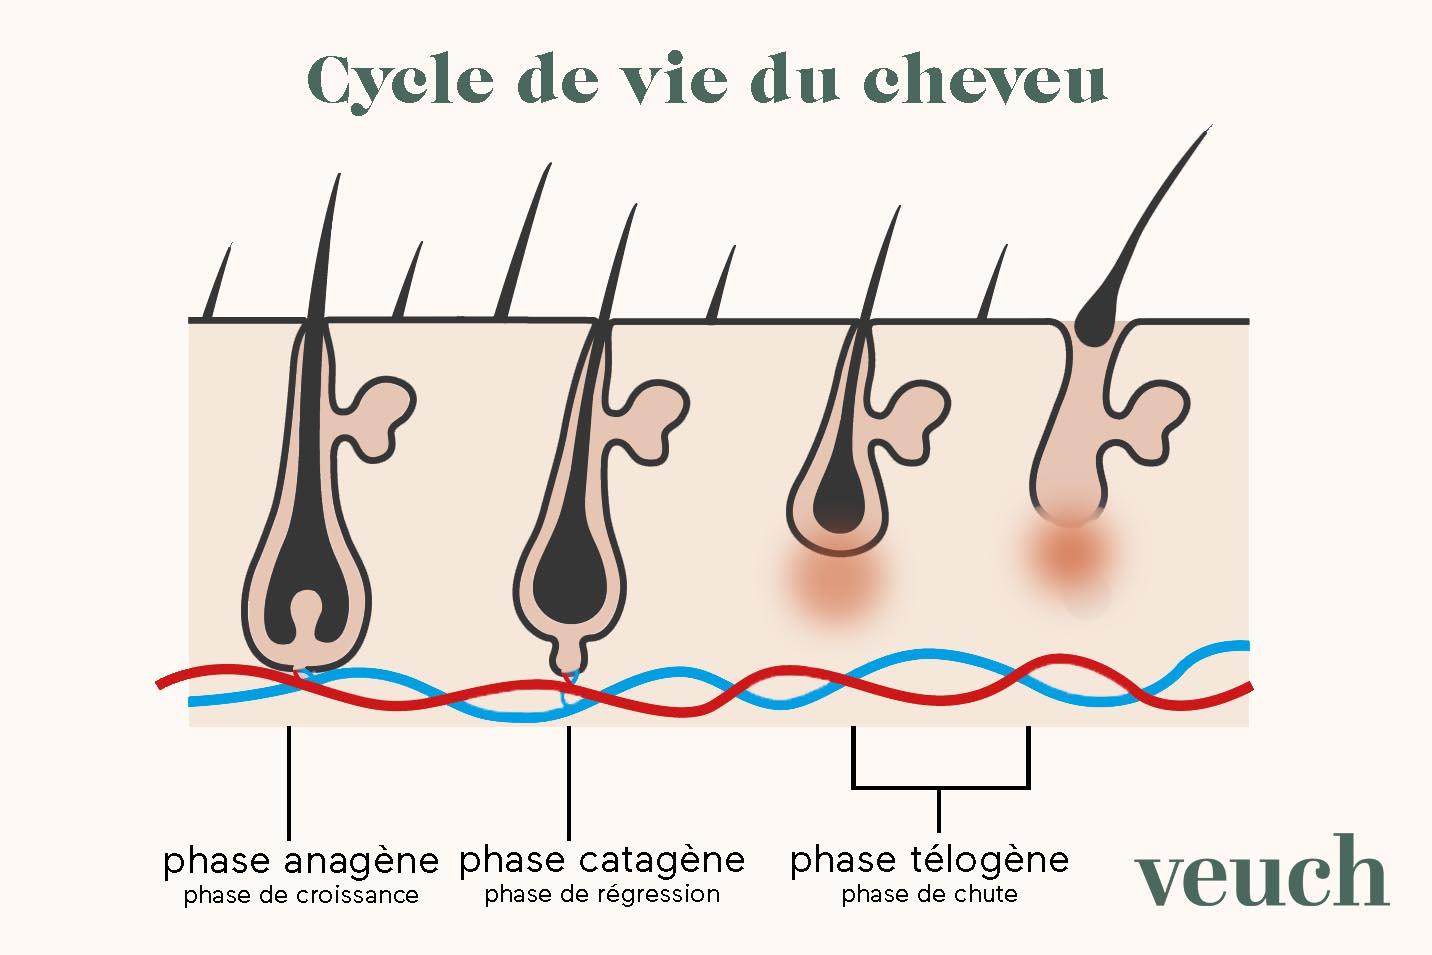 cycle de vie du cheveu Veuch durée de vie